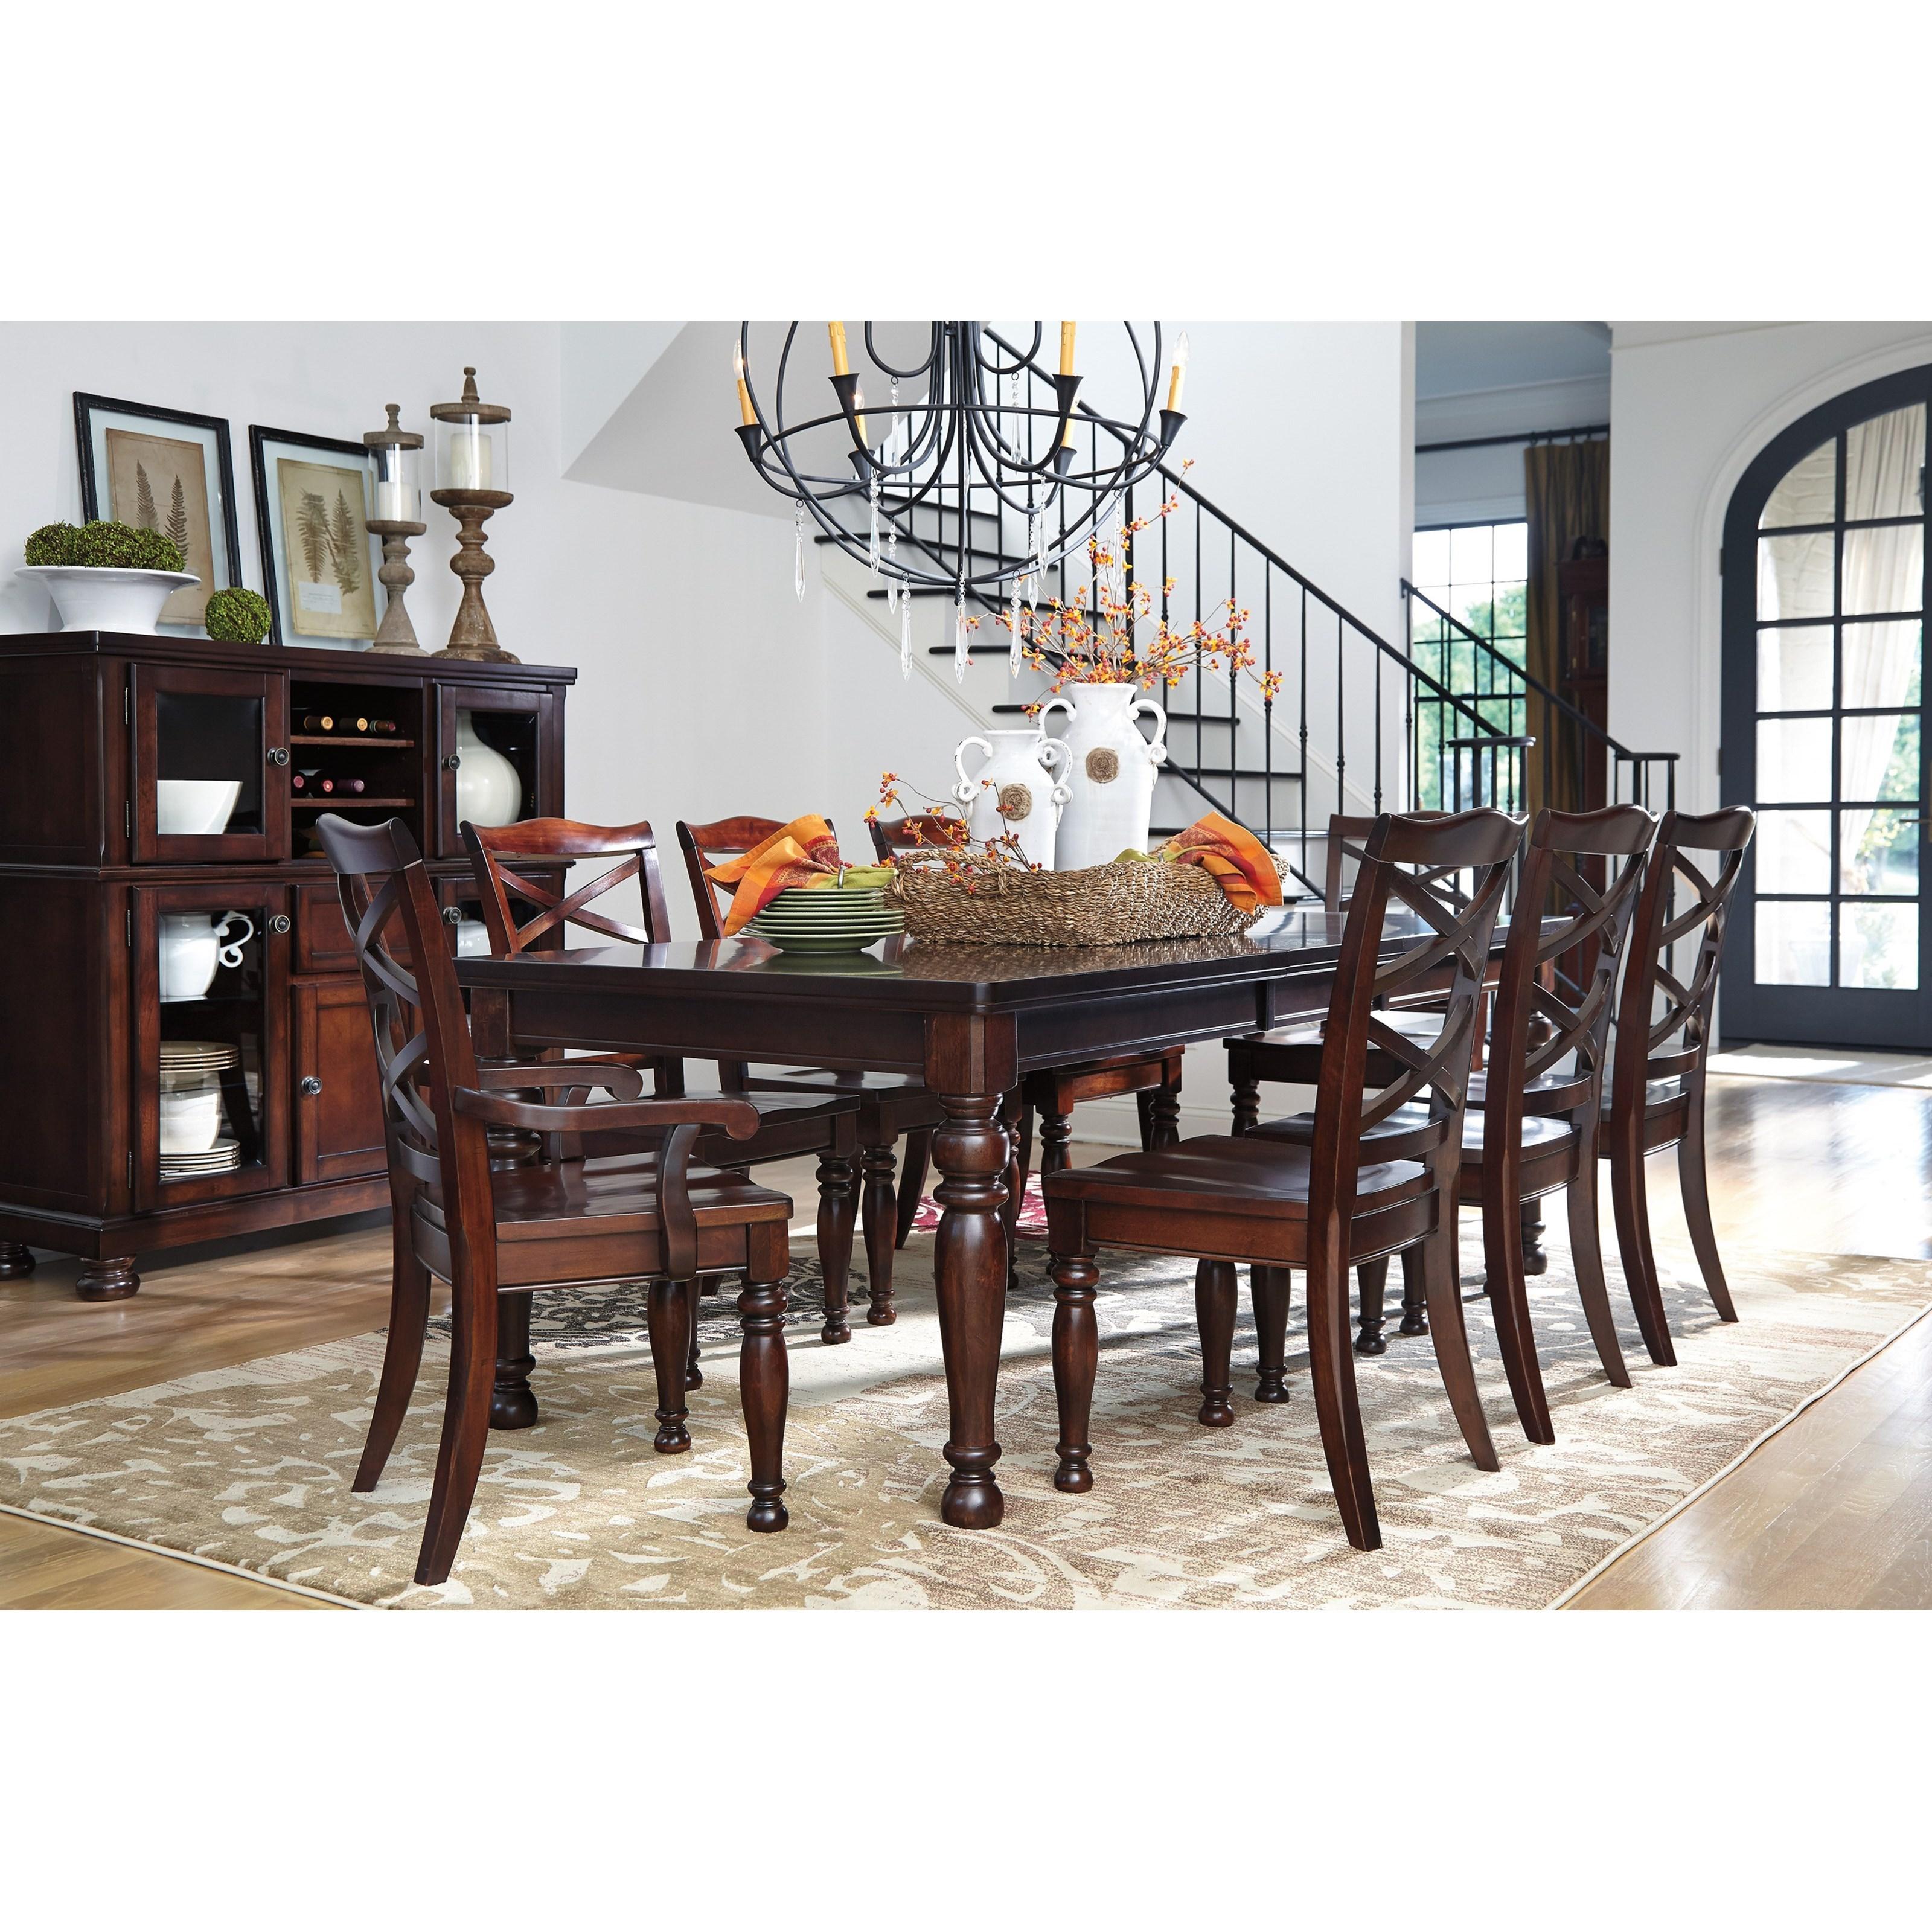 Ashley Furniture Porter Formal Dining Room Group